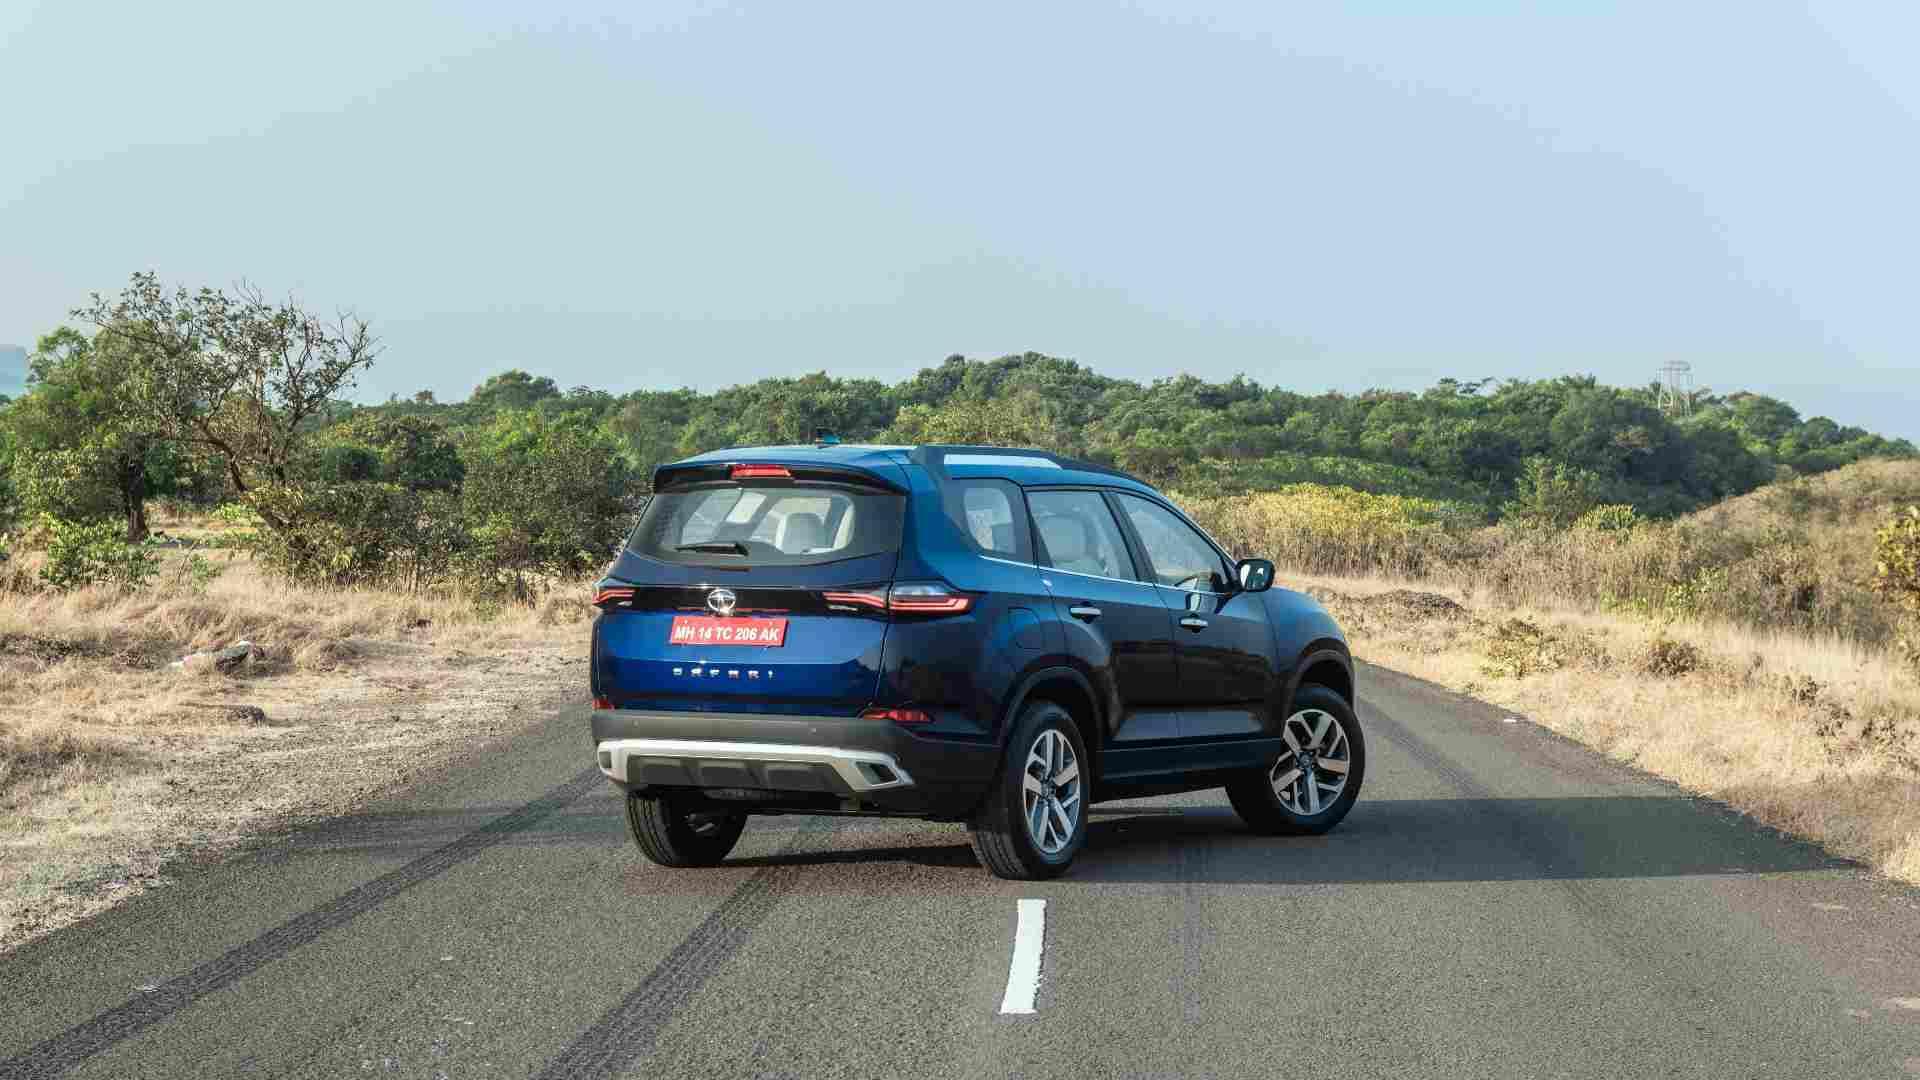 Le prix du nouveau Tata Safari devrait être compris entre 15,5 et 22 lakh (ex-showroom).  Image: Overdrive / Anis Shaikh